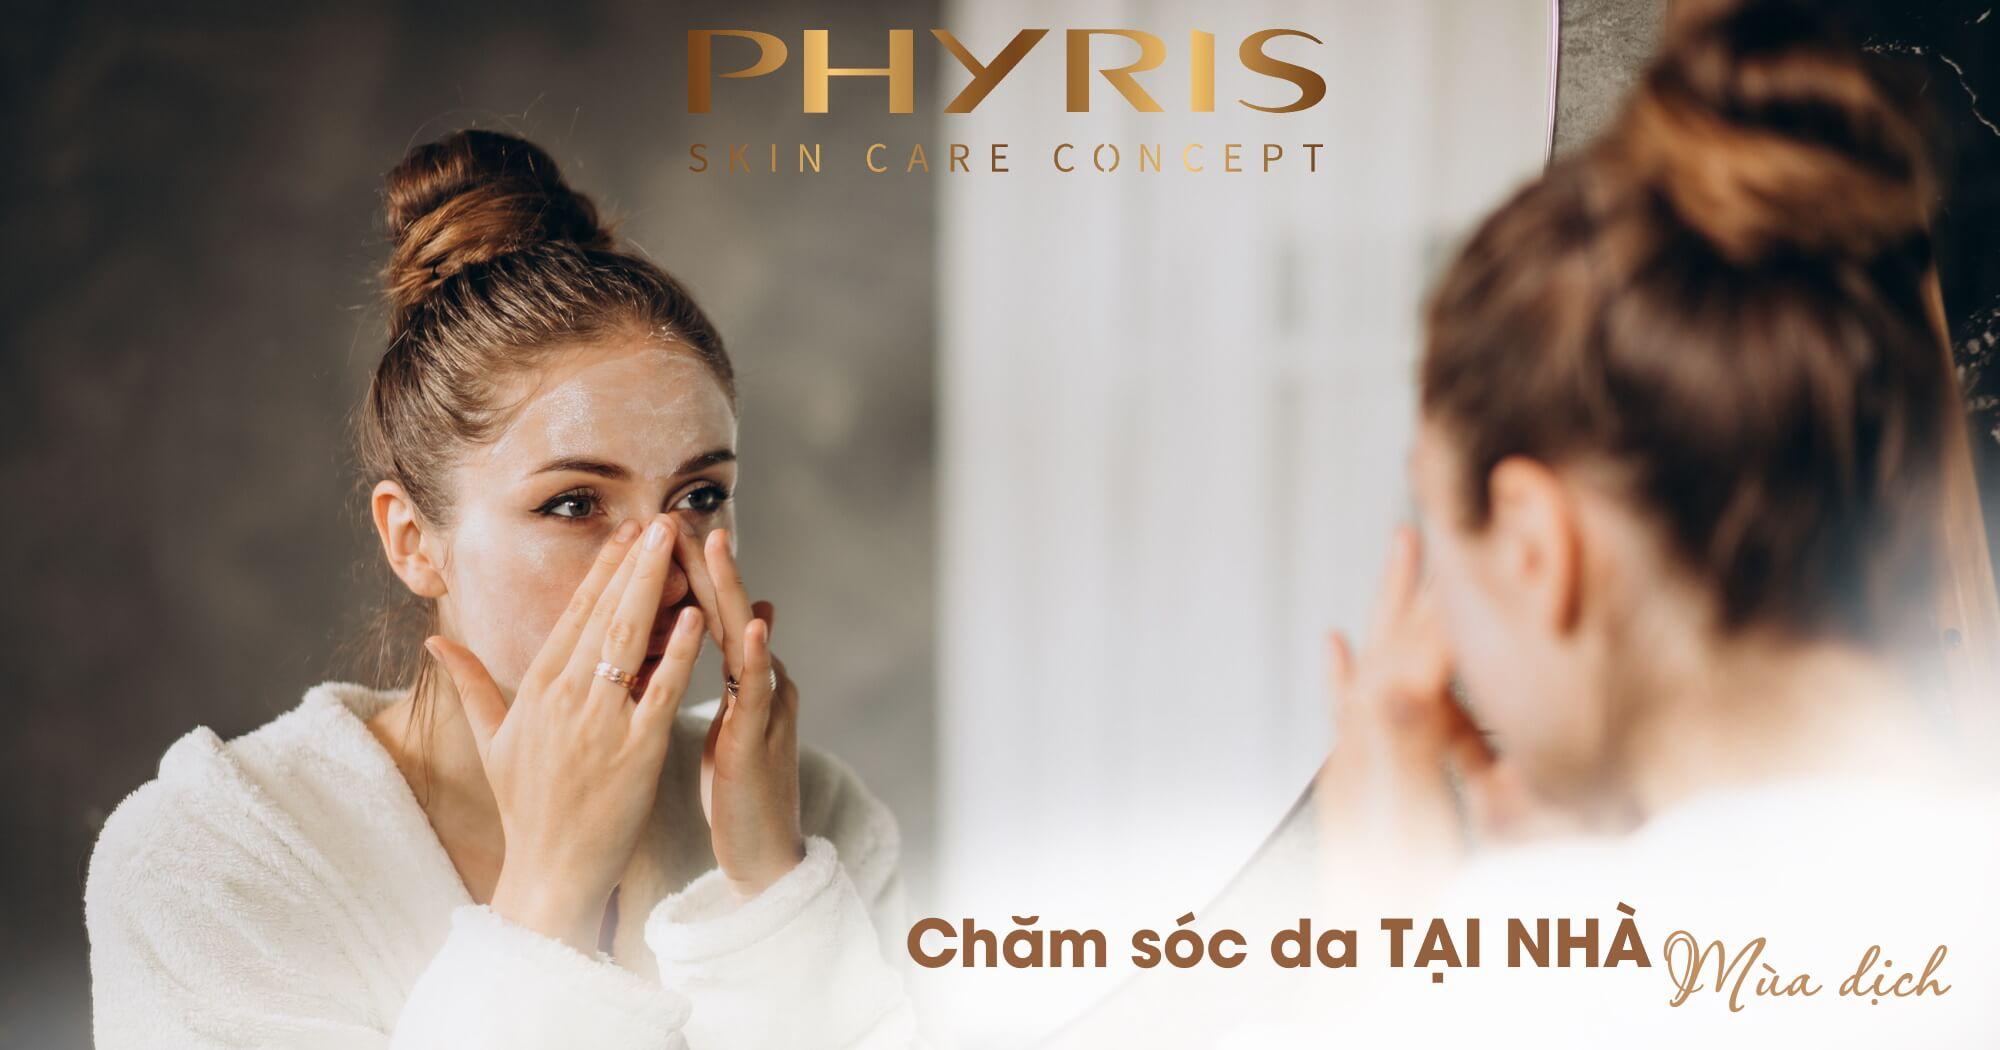 Lựa chọn các sản phẩm chăm sóc da hiệu quả tại nhà trong mùa dịch từ PHYRIS.